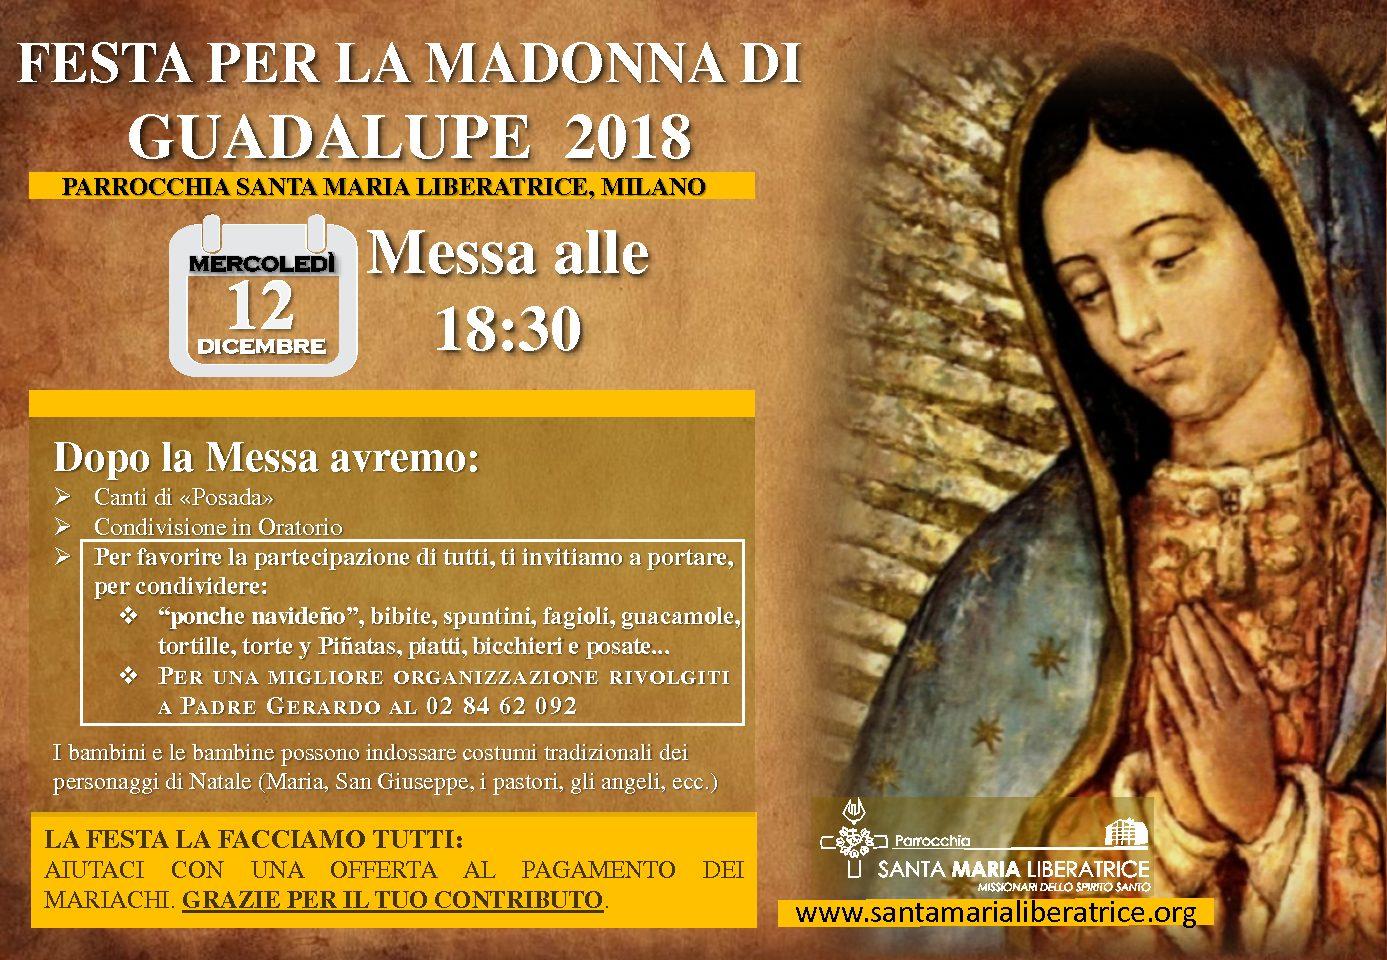 Festa per la Madonna di Guadalupe